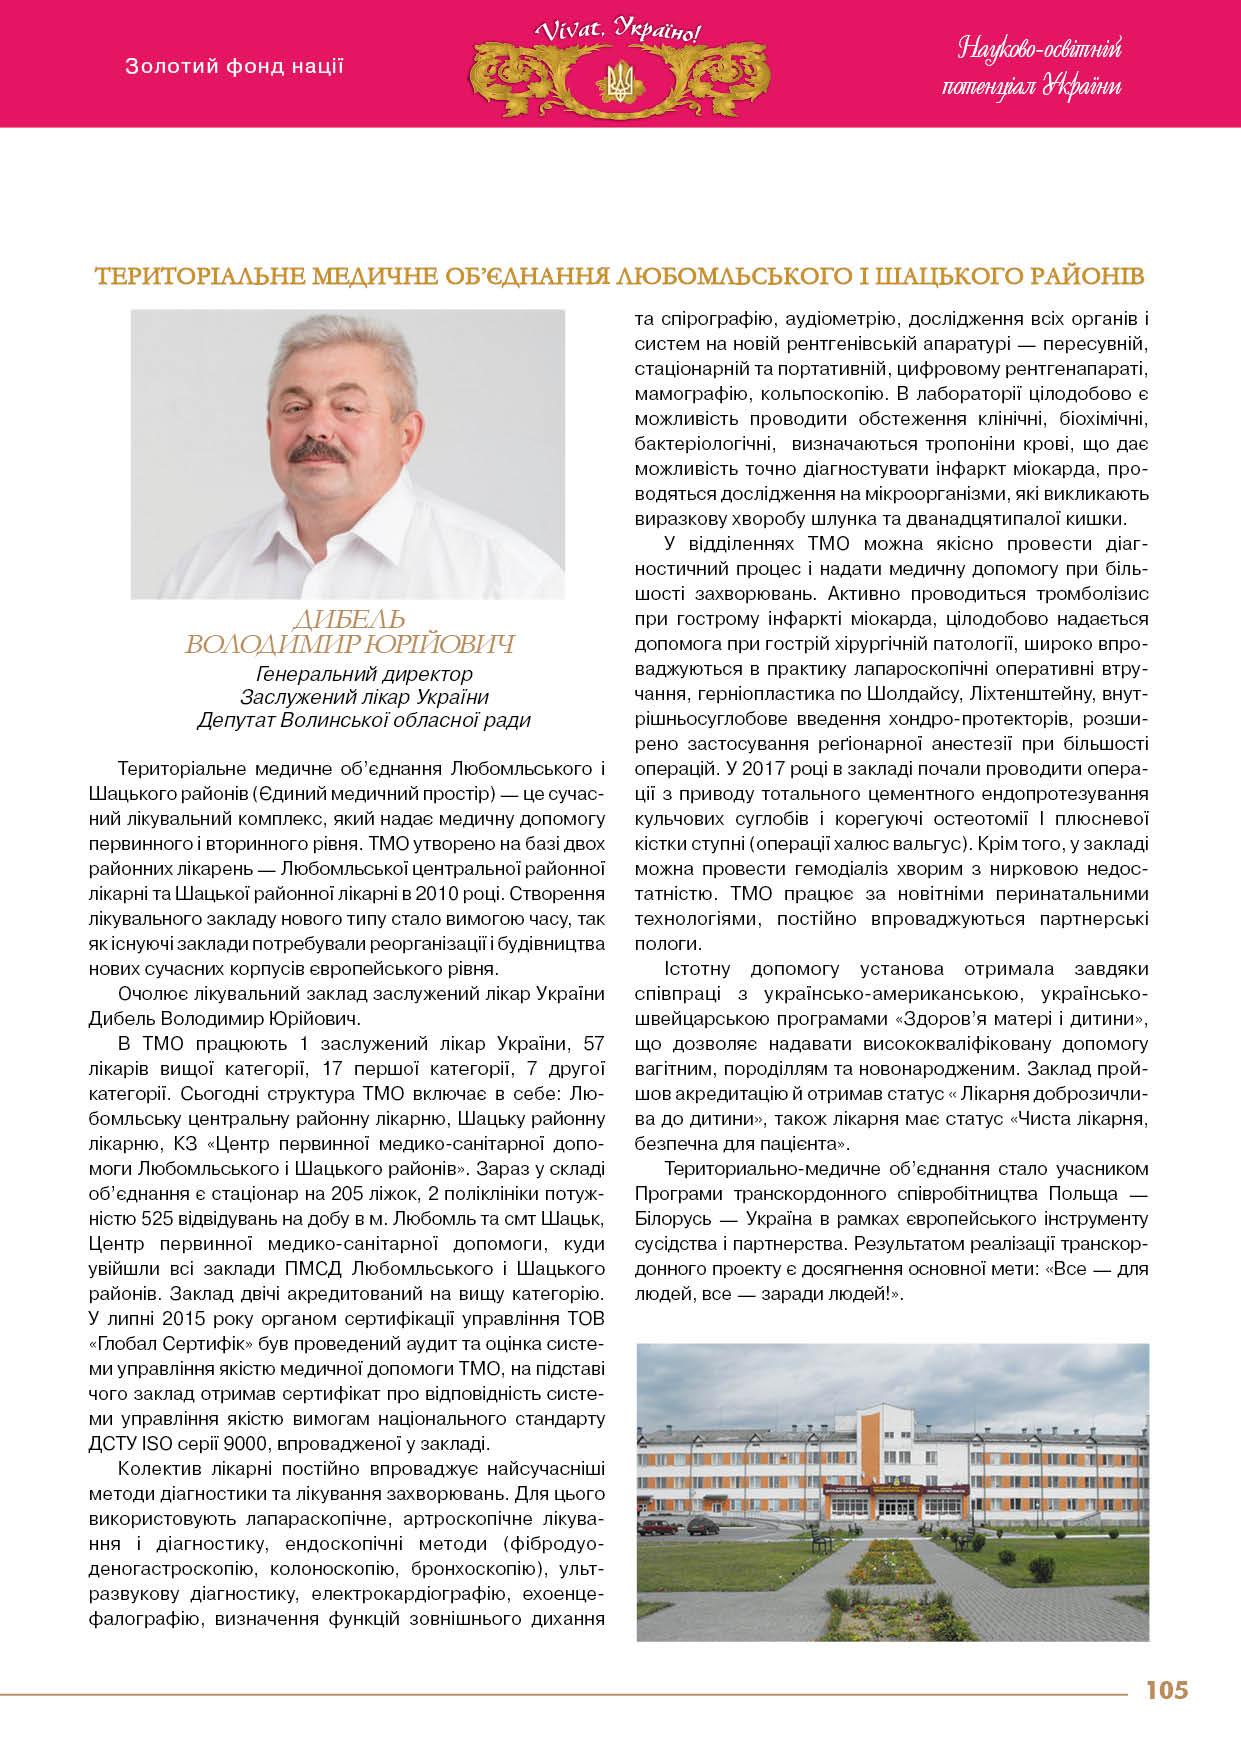 Дибель Володимир Юрійович